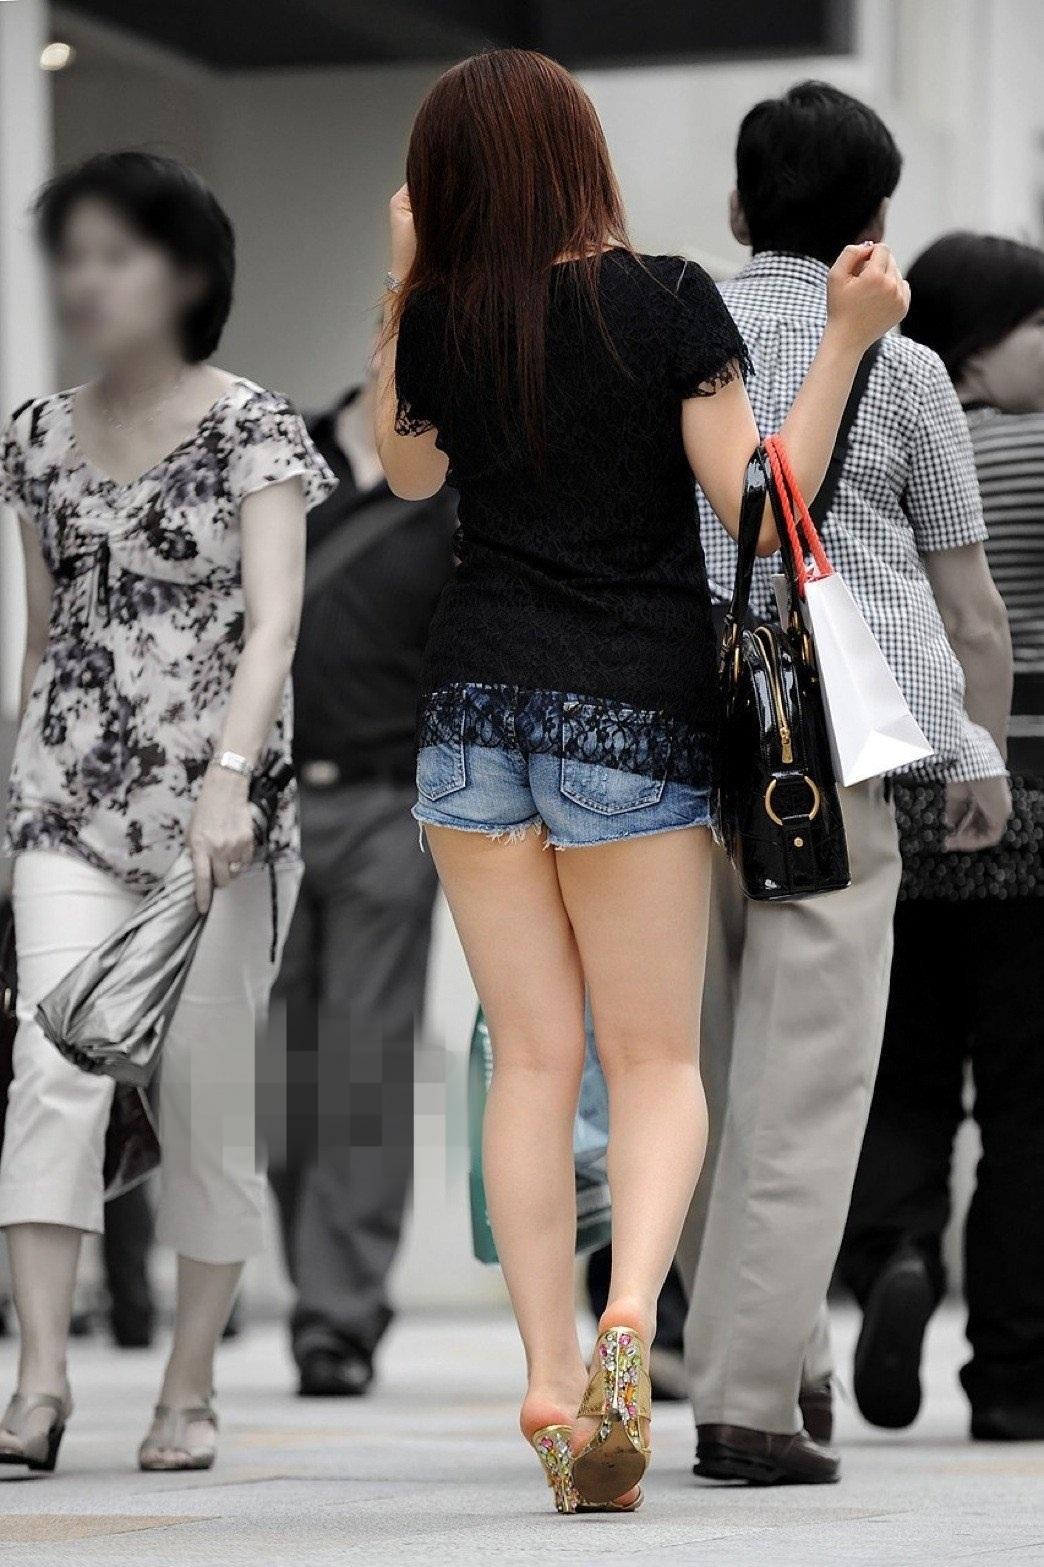 【美脚エロ画像】夏だから下まで生!ショーパン女子達の輝かしい下半身www 13